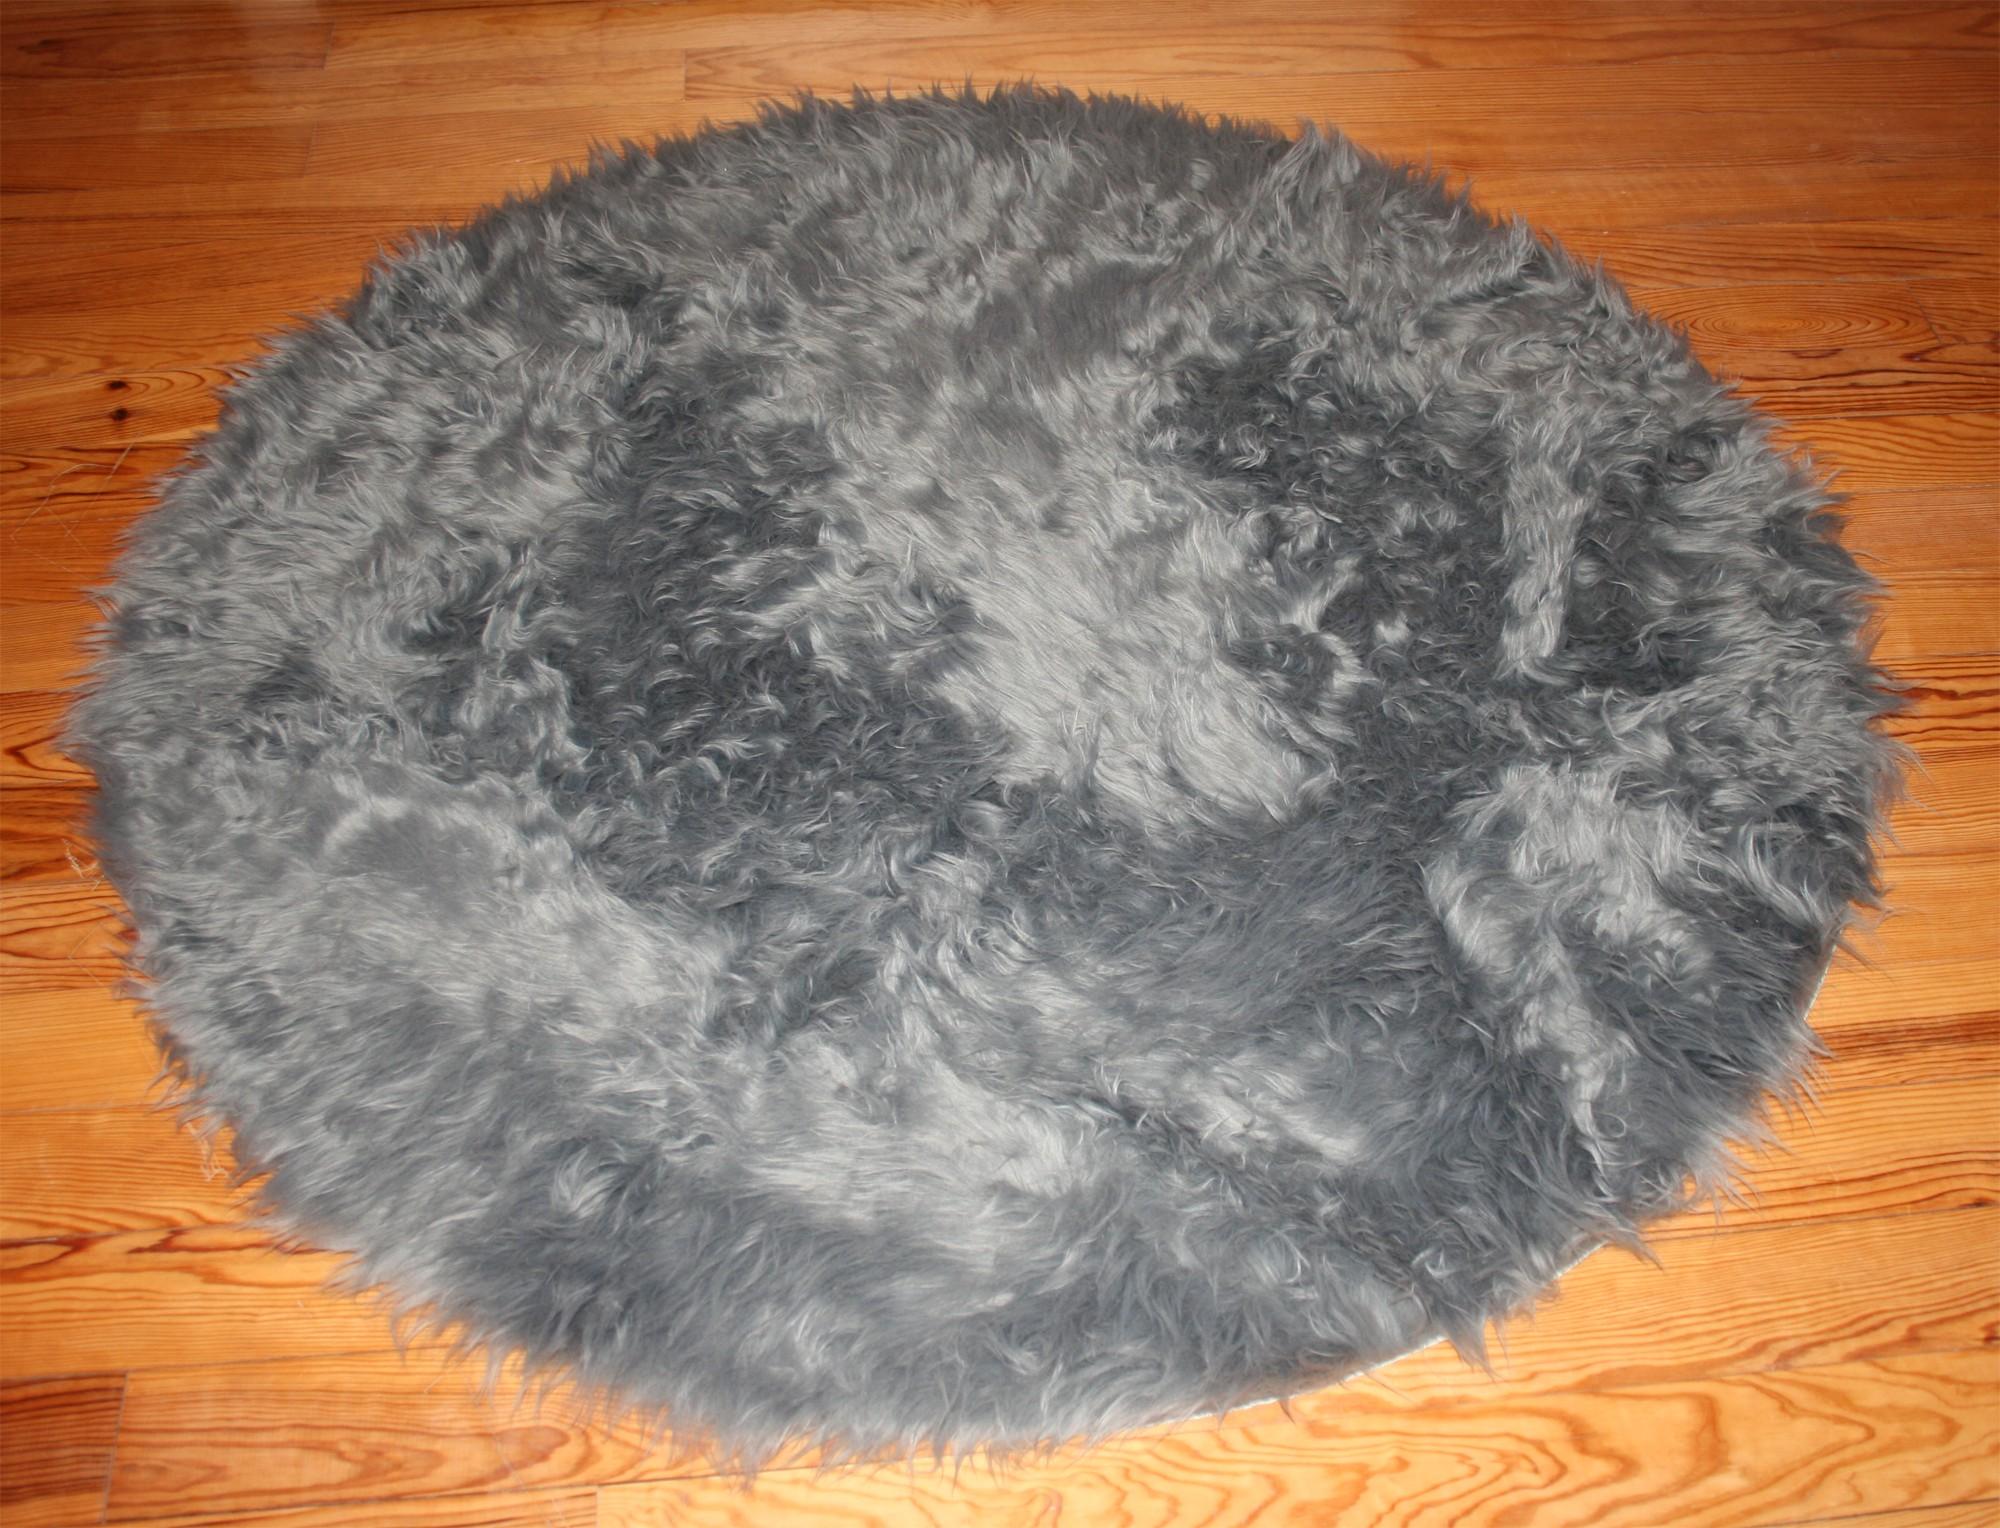 Tapis rond en peau de mouton synth tique gris Tapis rond zebre